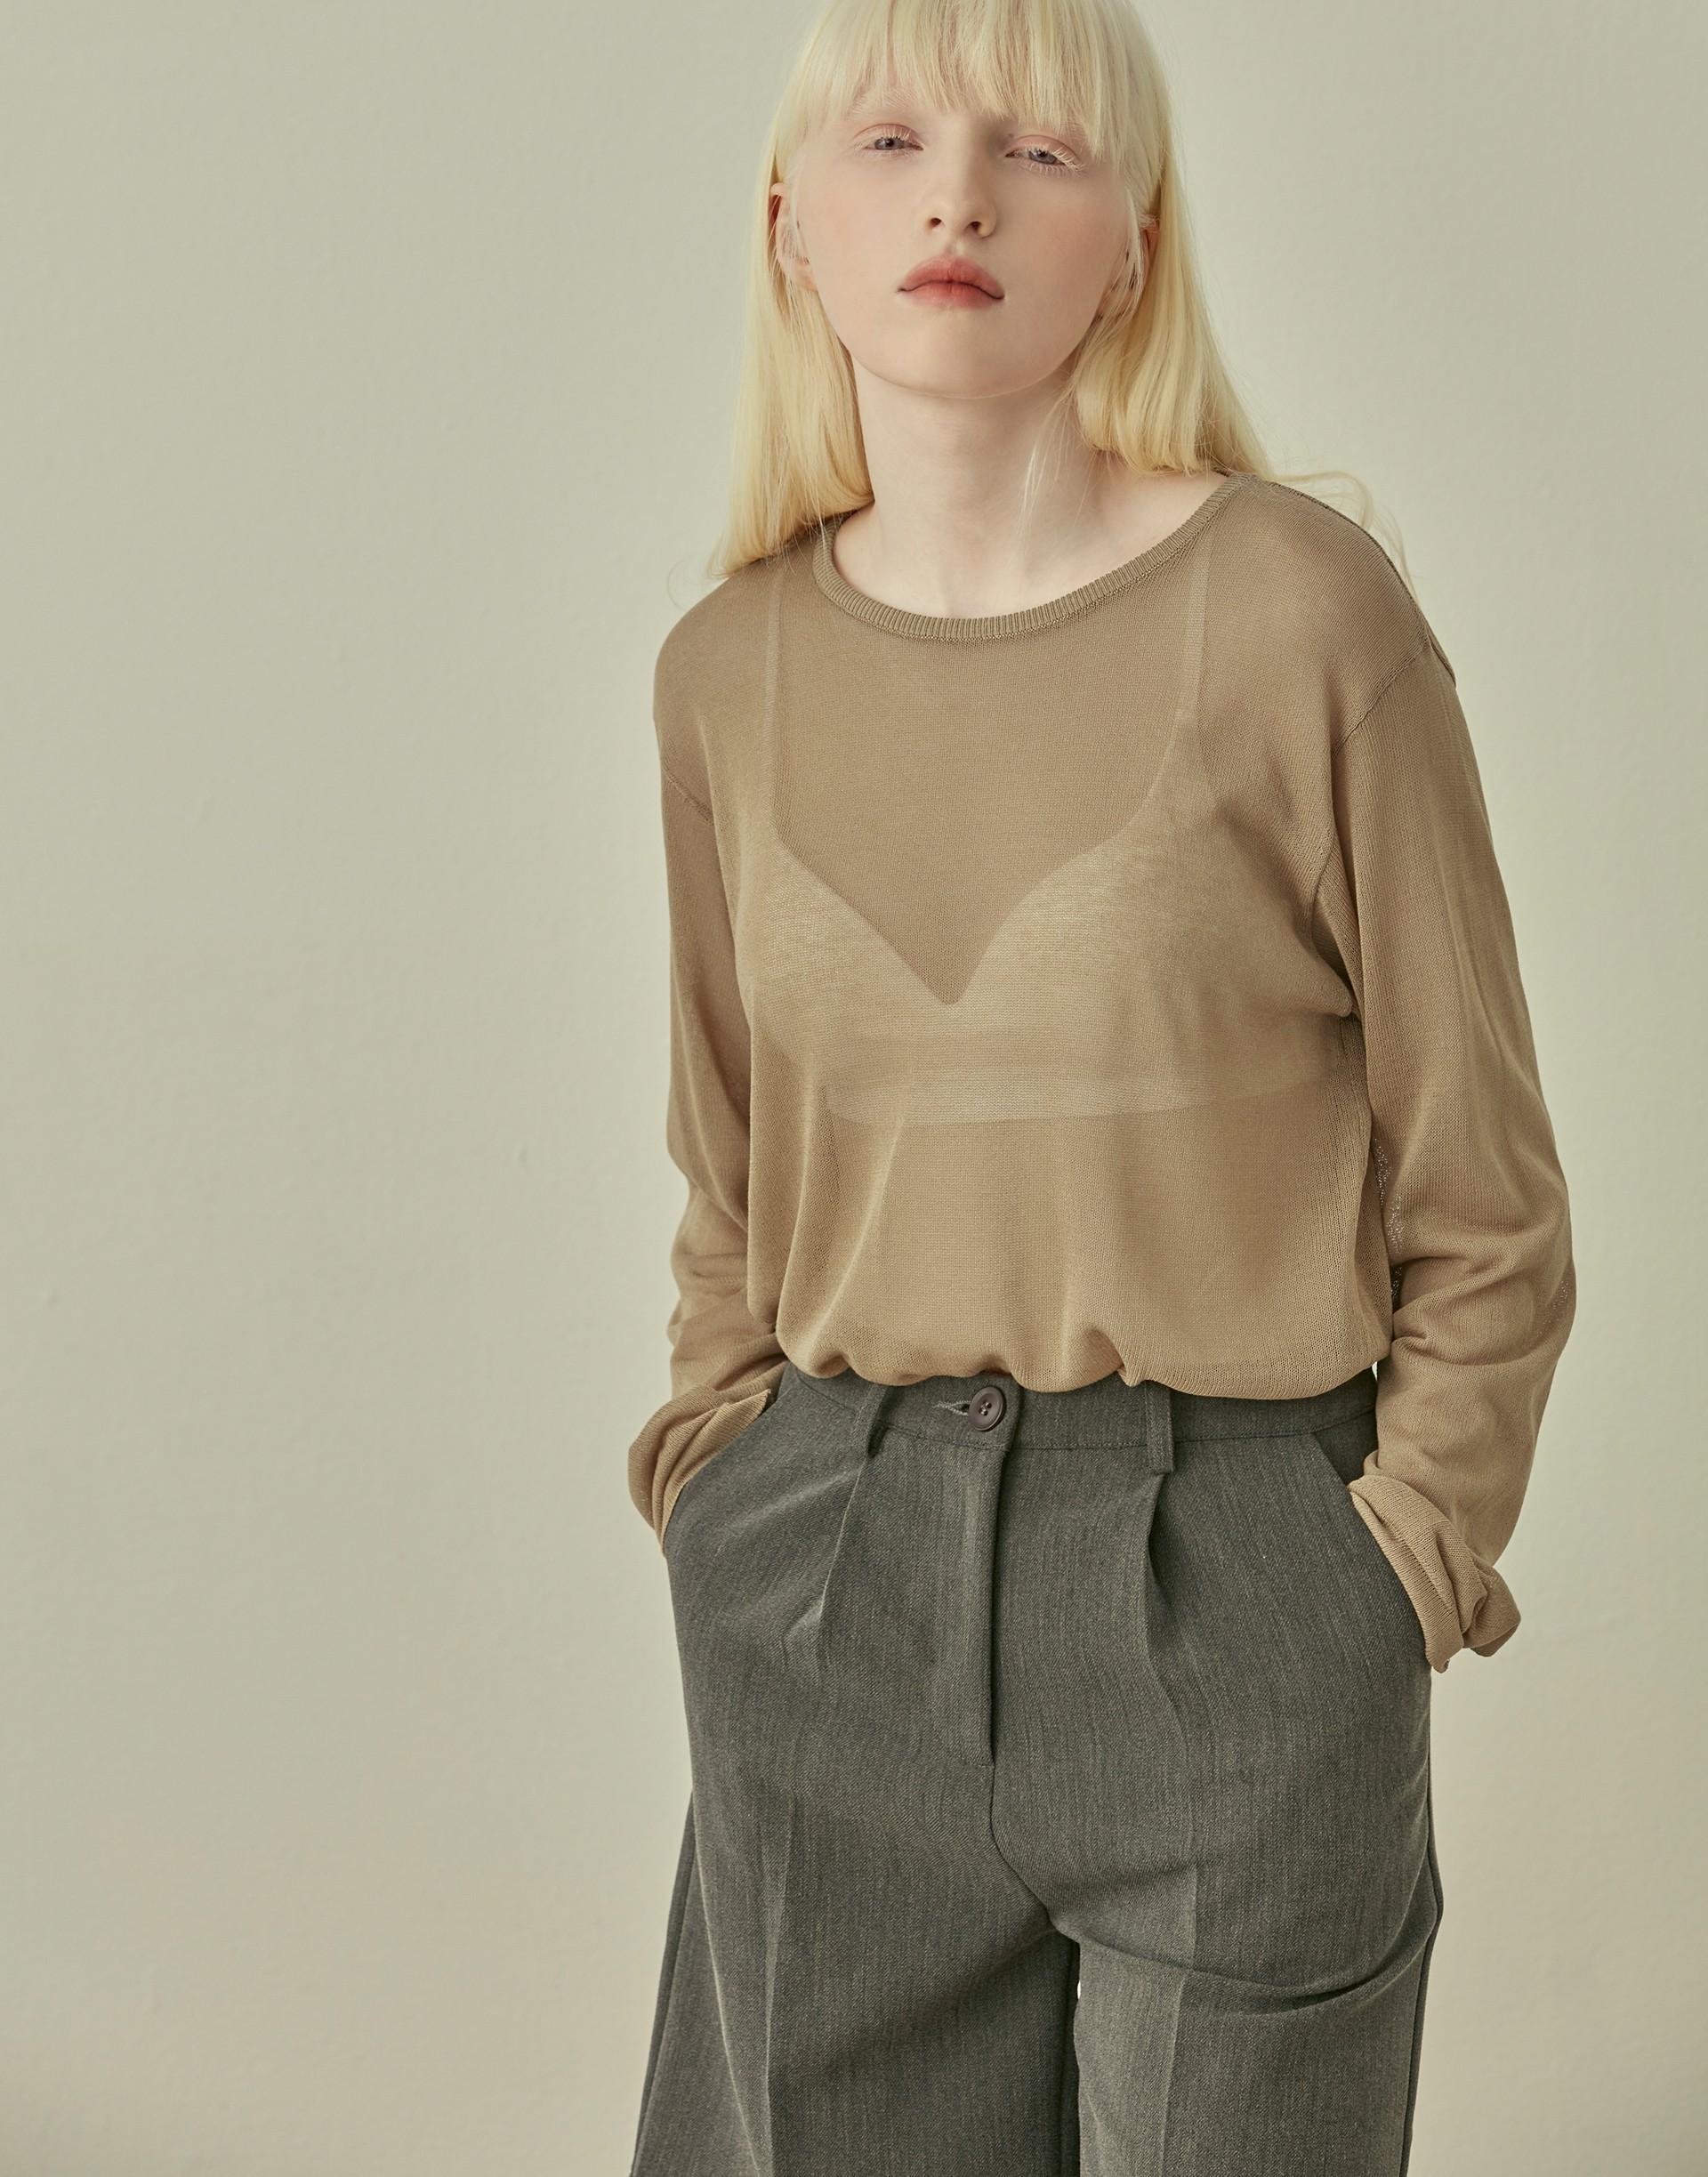 彈性:微彈 舒適紗質面料、簡約設計、簡單百搭